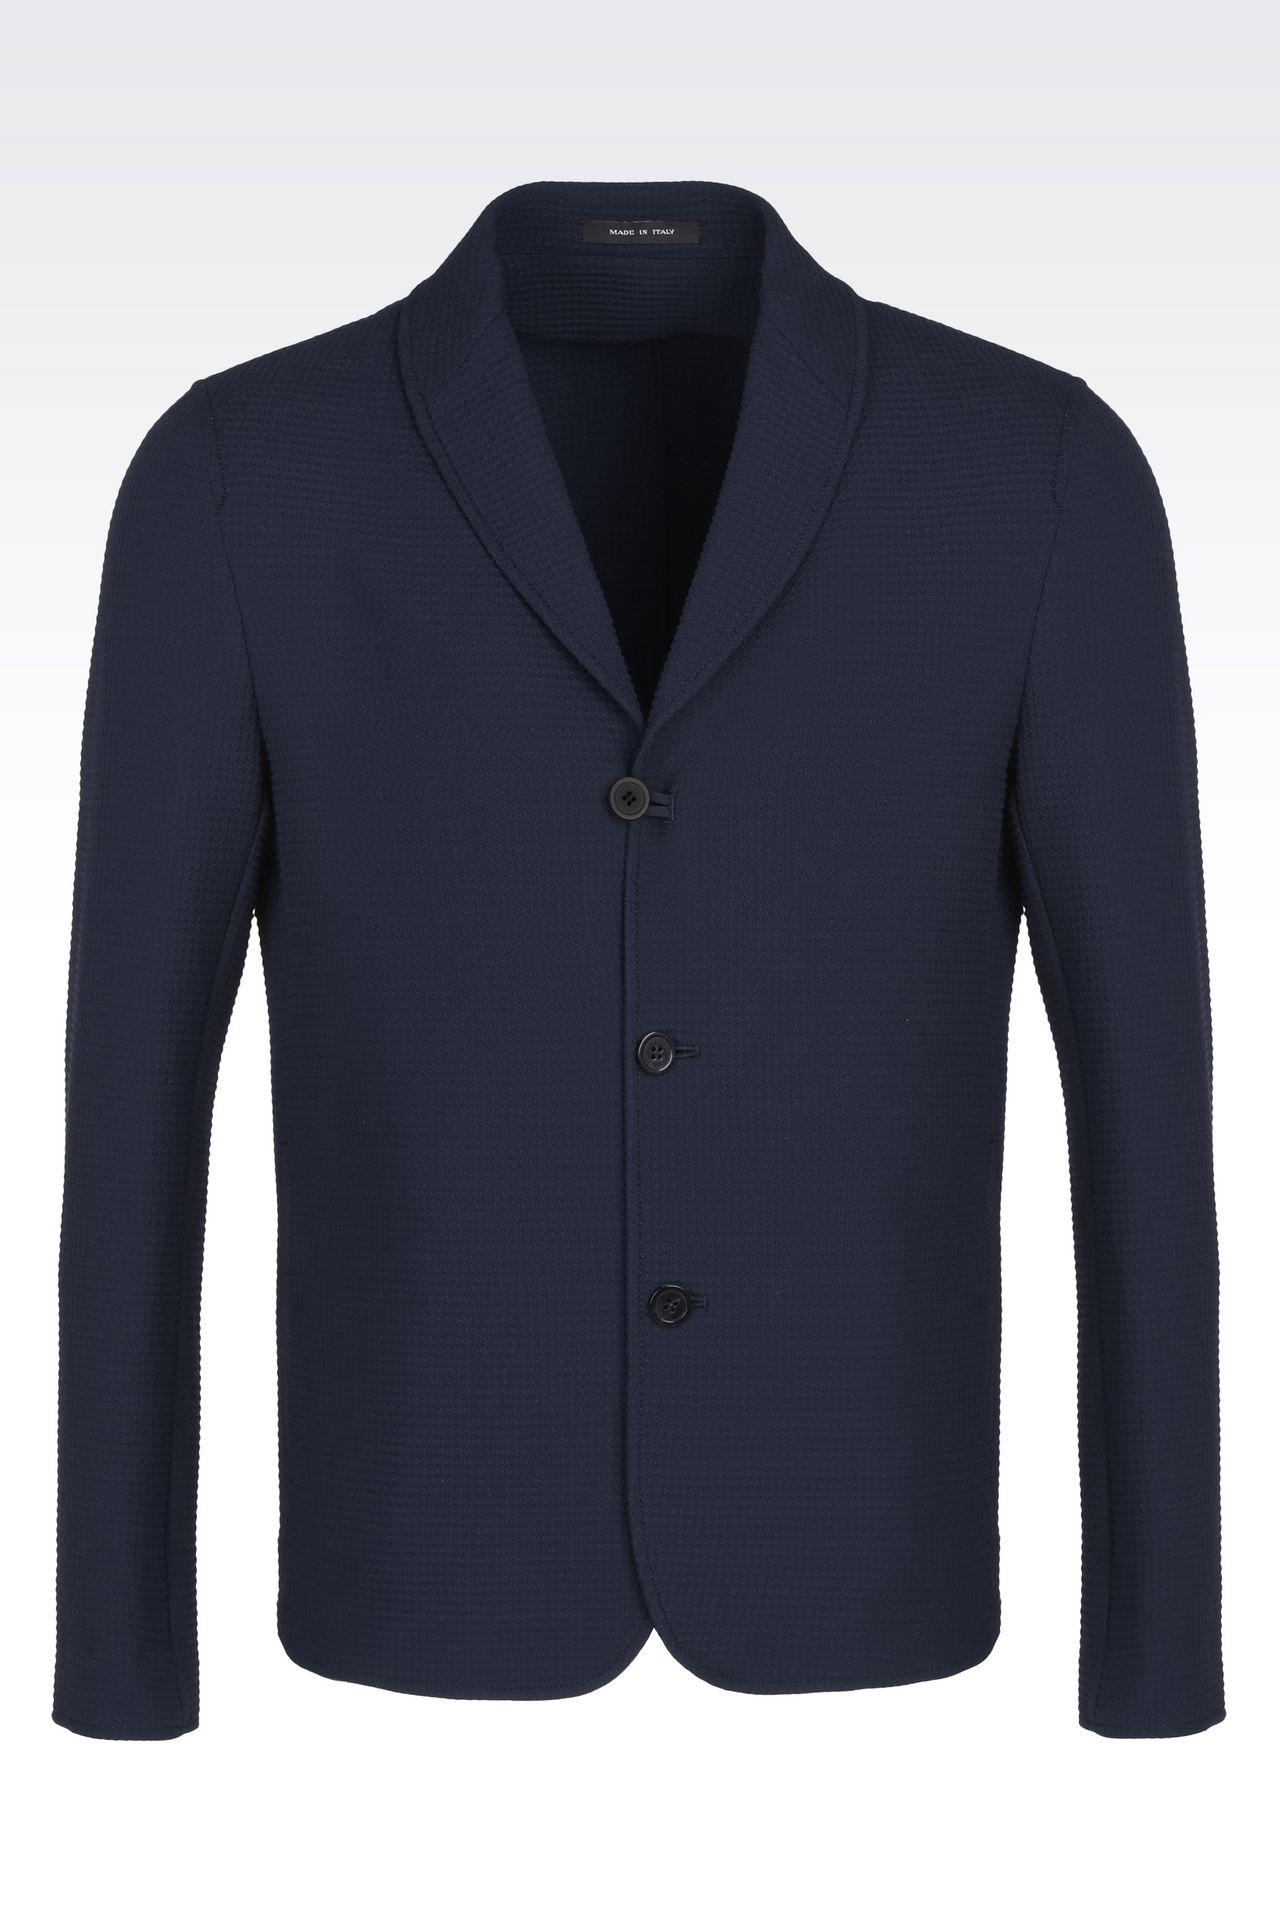 Emporio Armani Men's Blazers & Suit Jackets - Spring Summer 2017 ...